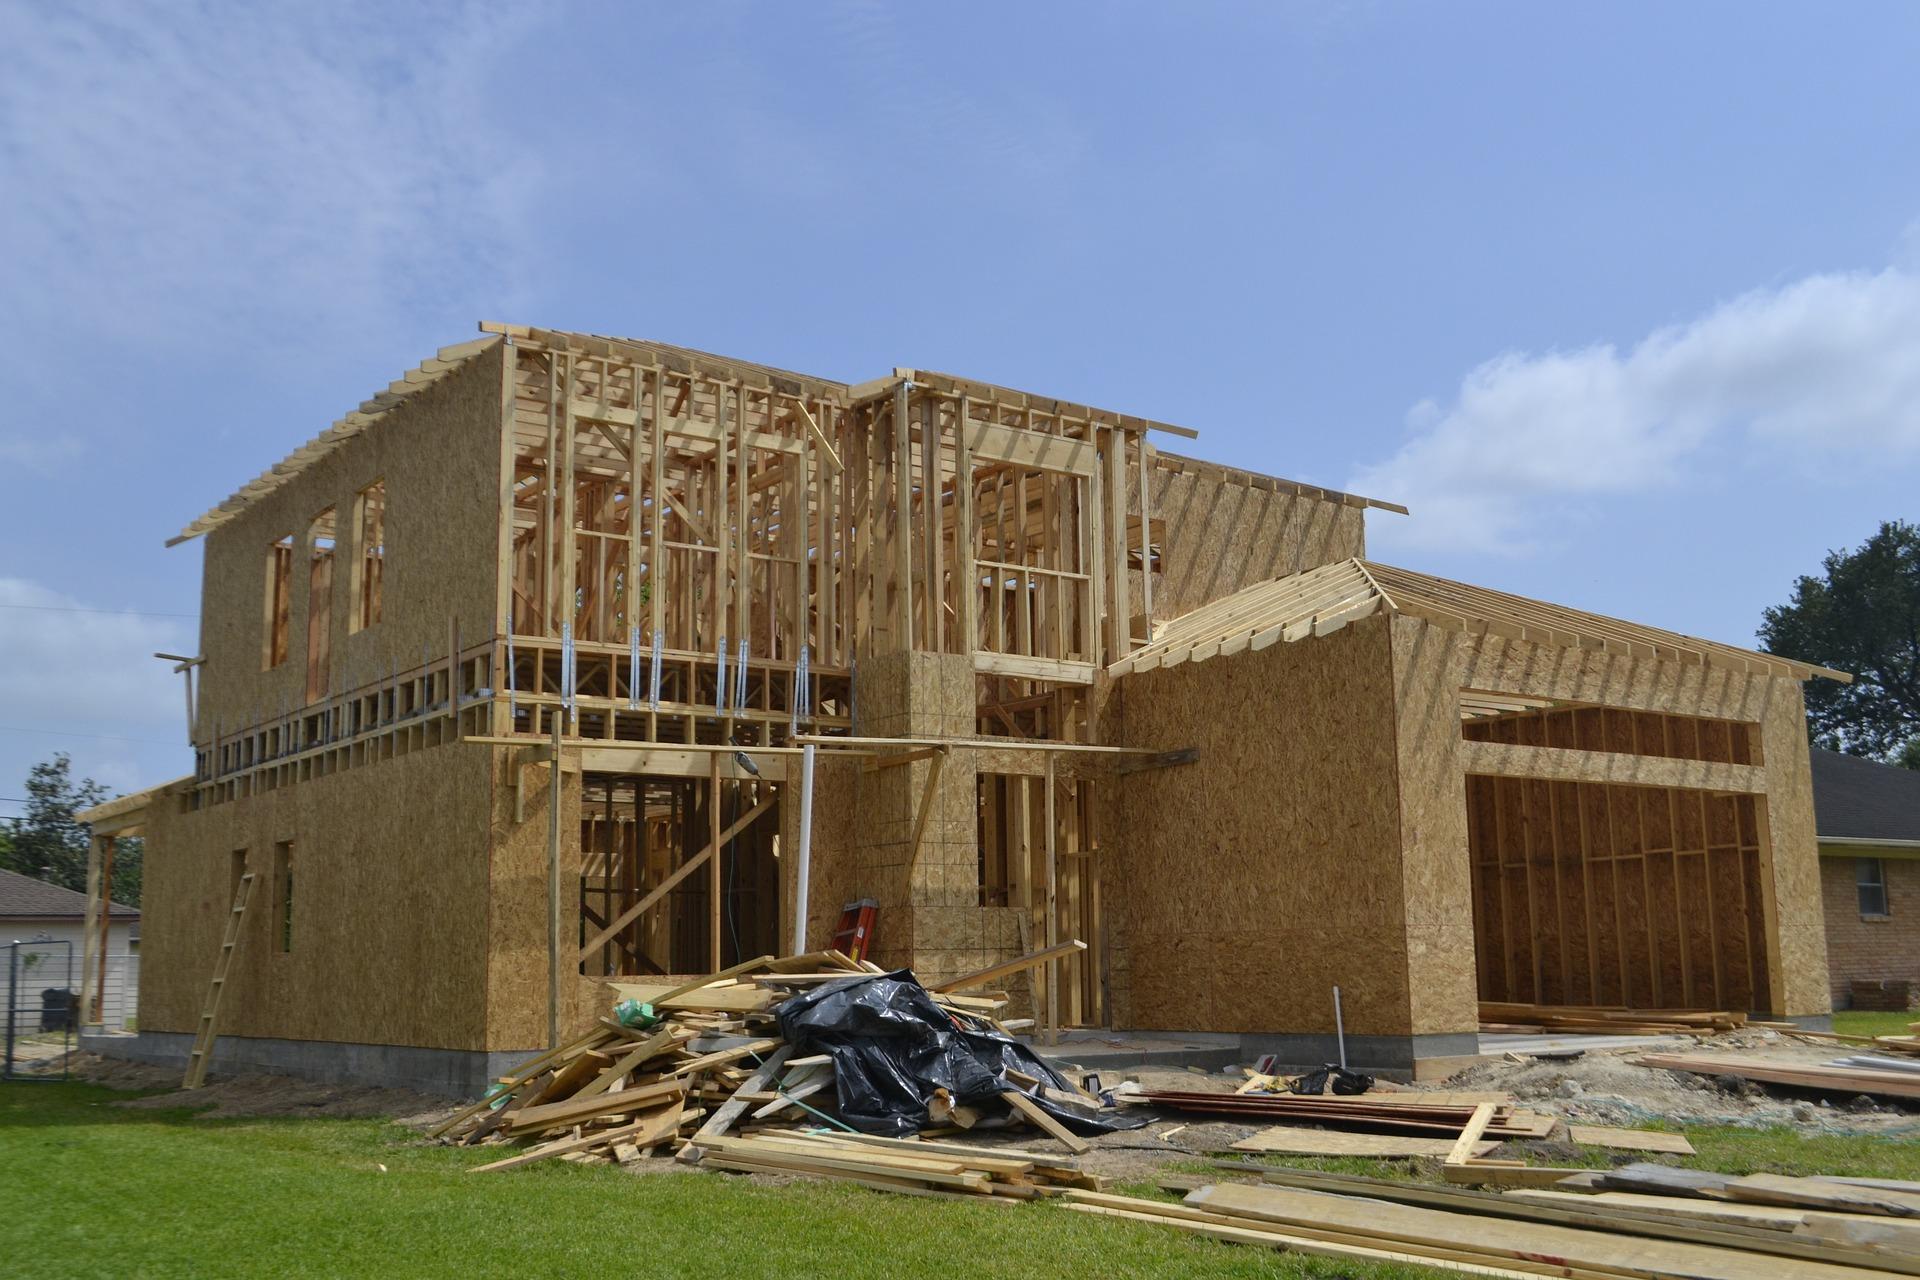 كيف تخطط لمنزل الأحلام ونصائح بناء منزل